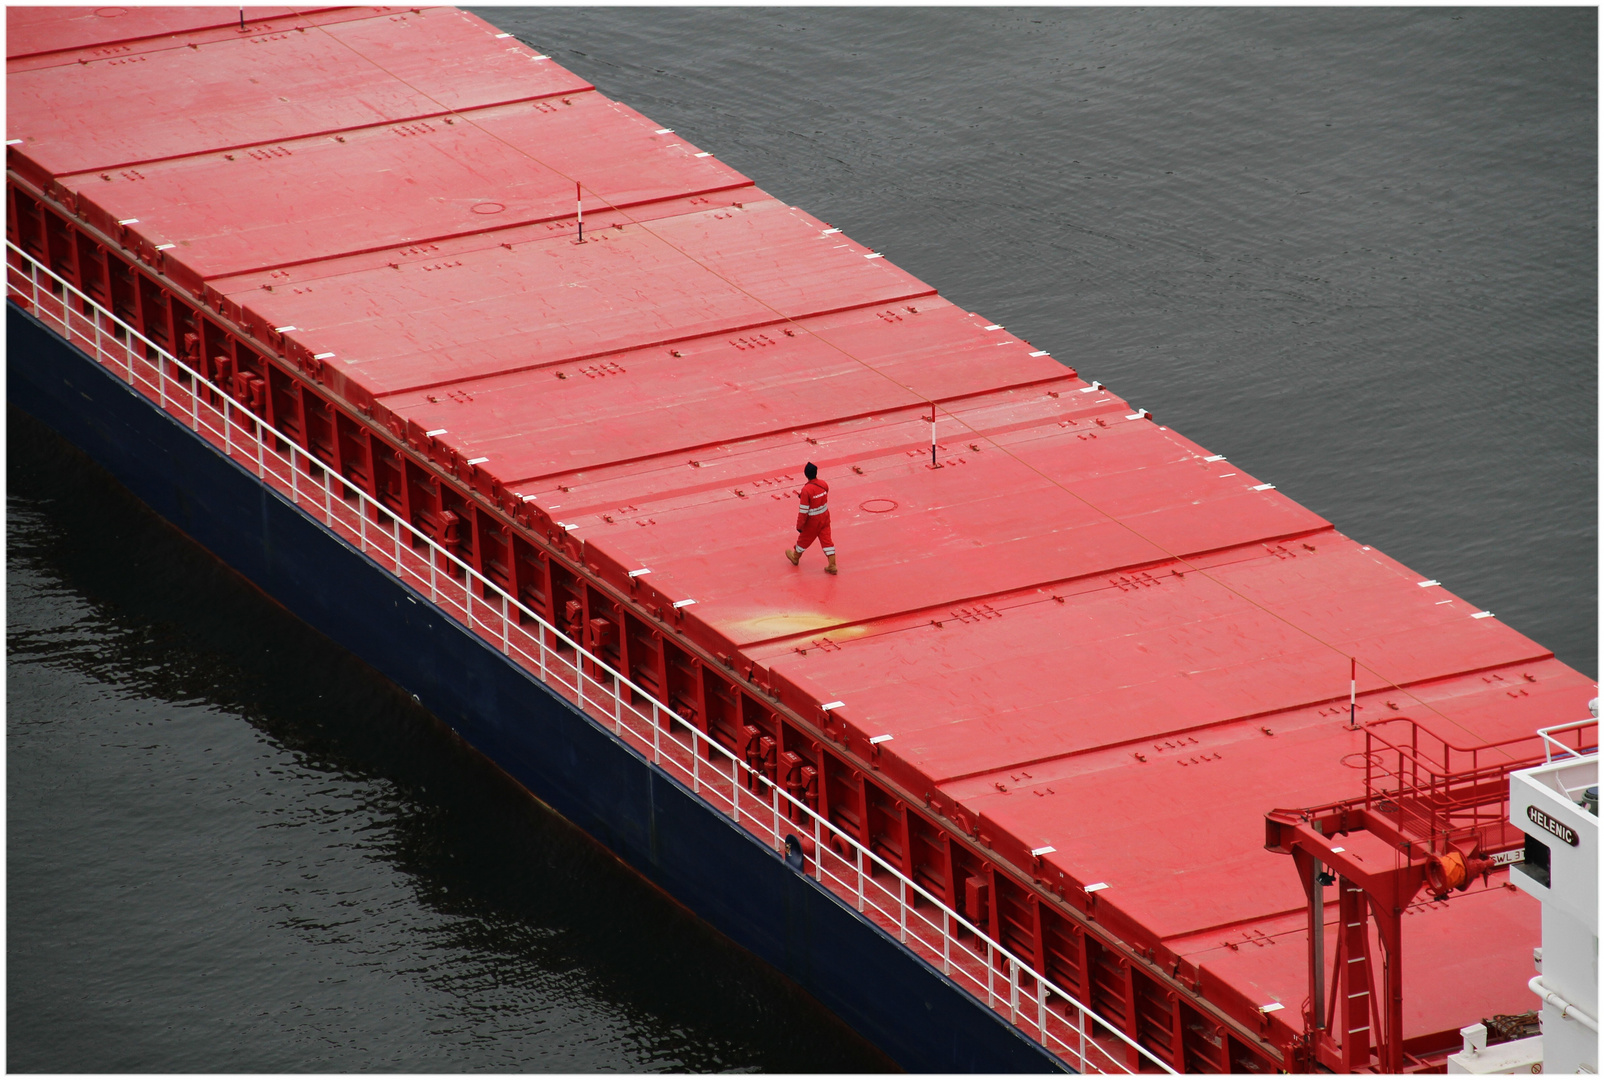 Schiffe laufen ... aus meiner Sicht !